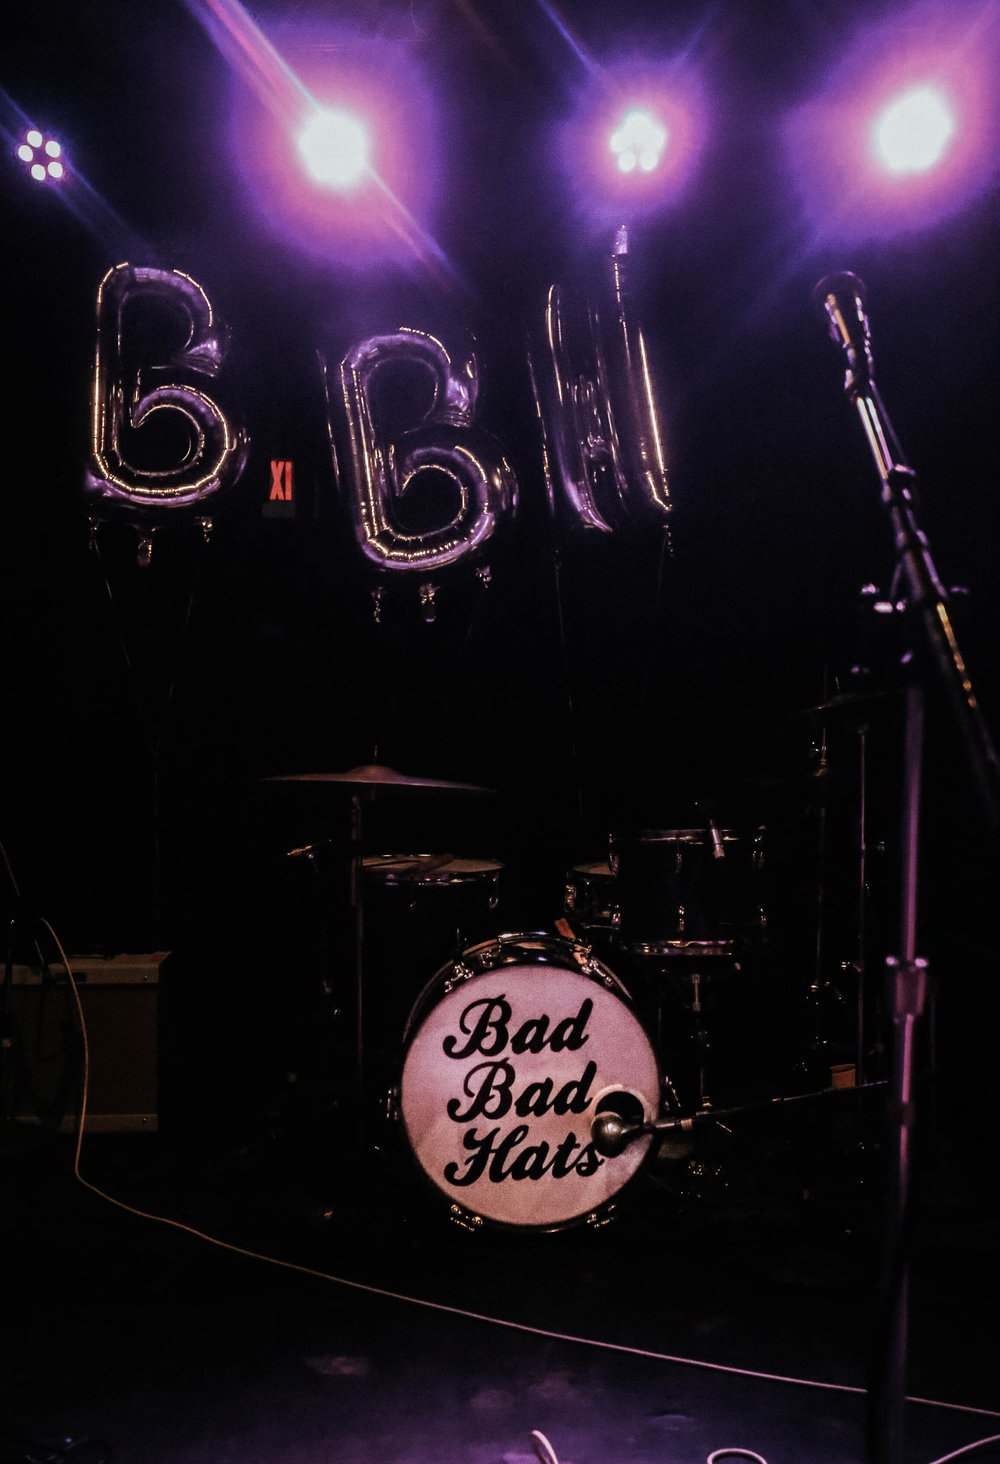 Bad Bad Hats8.jpg